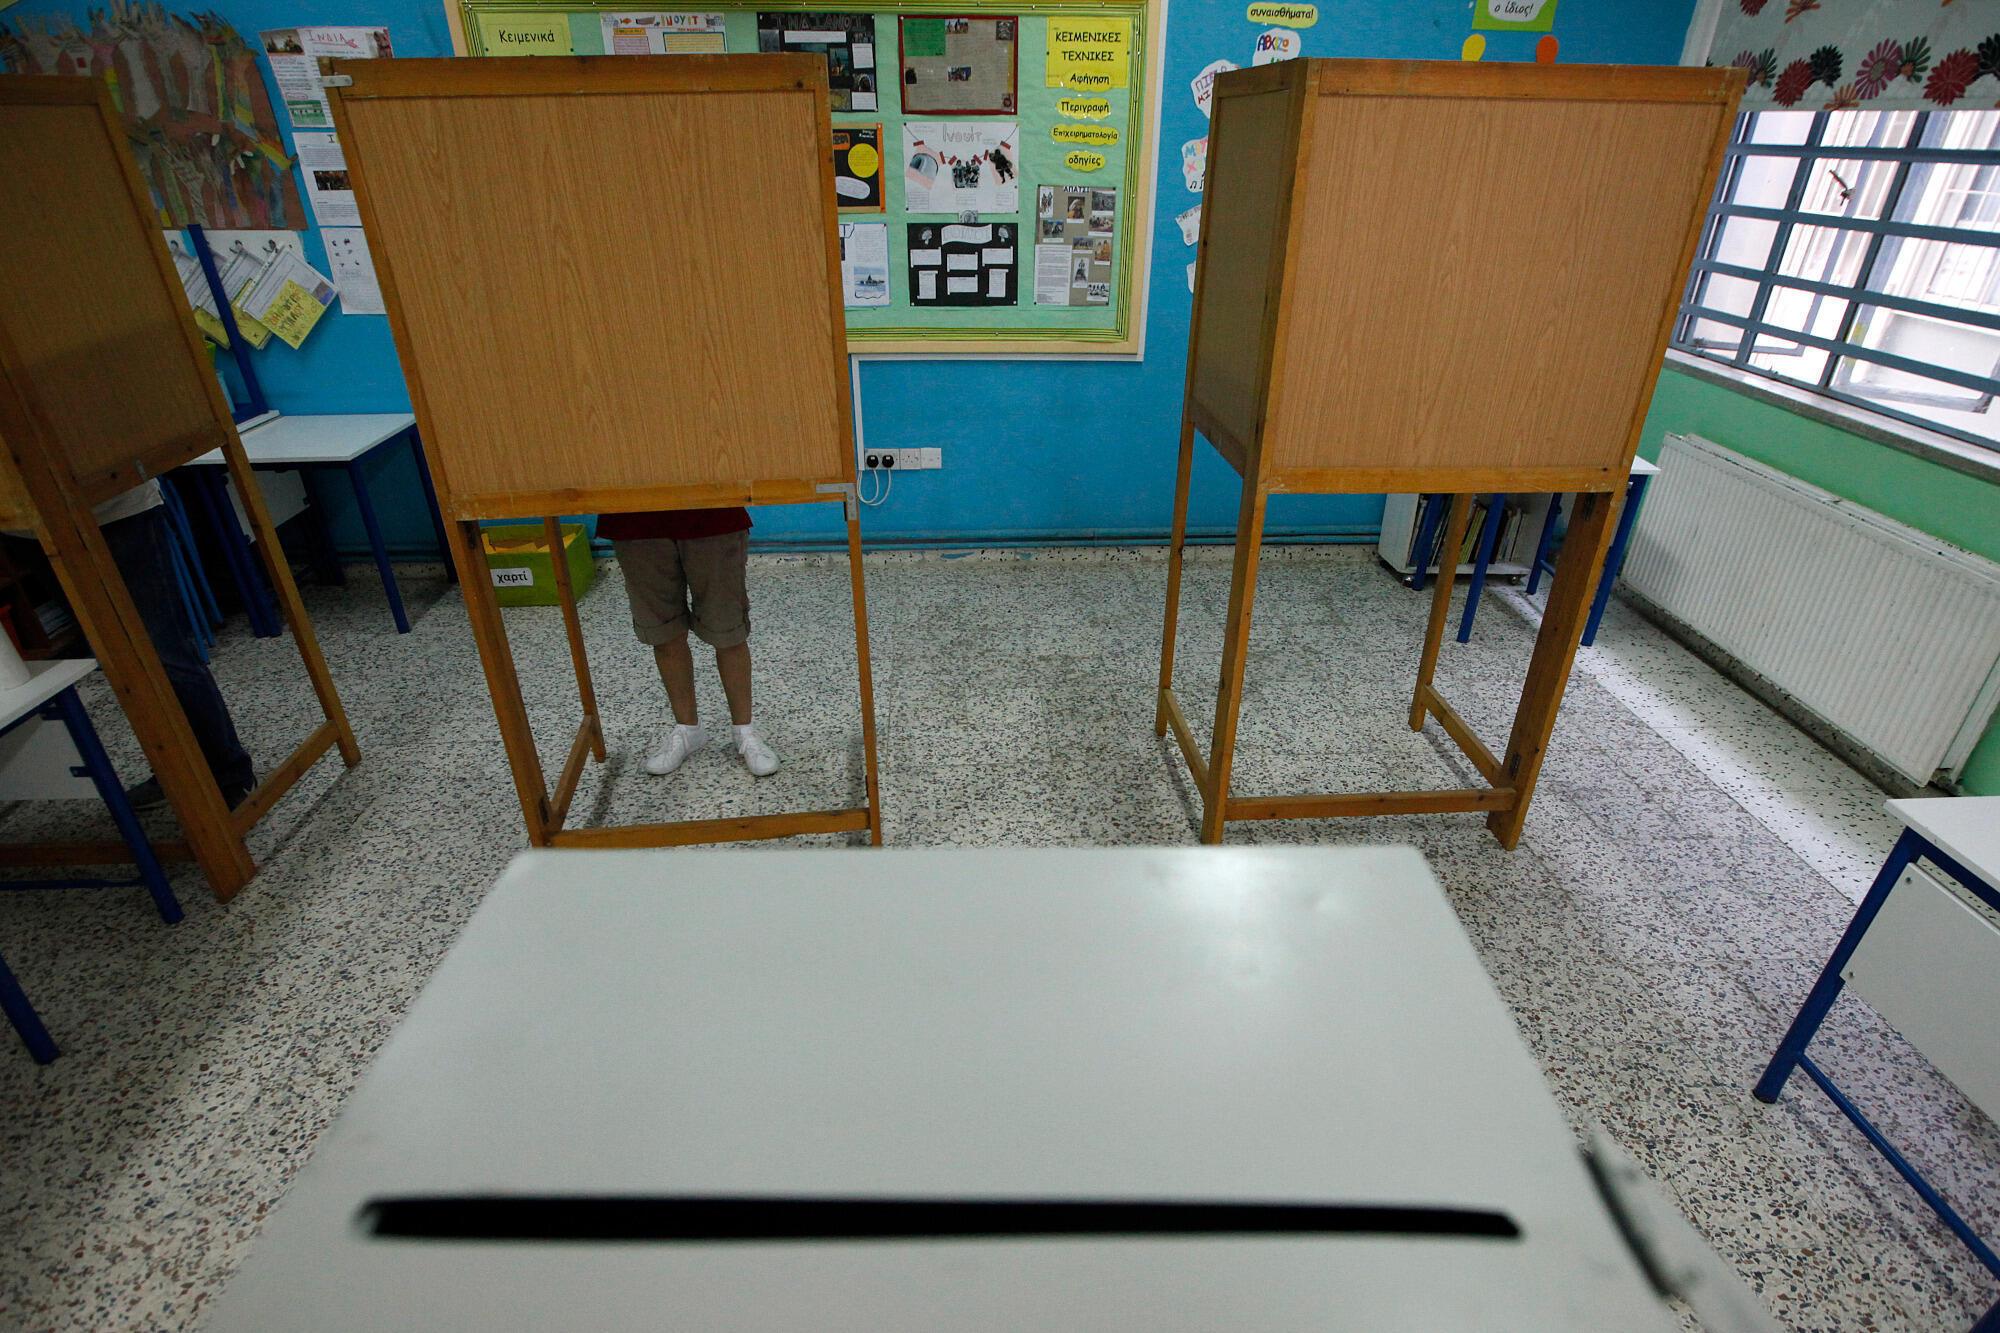 Des votants prépare leur bulletin avant de les déposer dans l'urne à Deftera, une banlieue de la capitale chypriote Nicosie, le 30 mai 2021 (Image d'illustration).